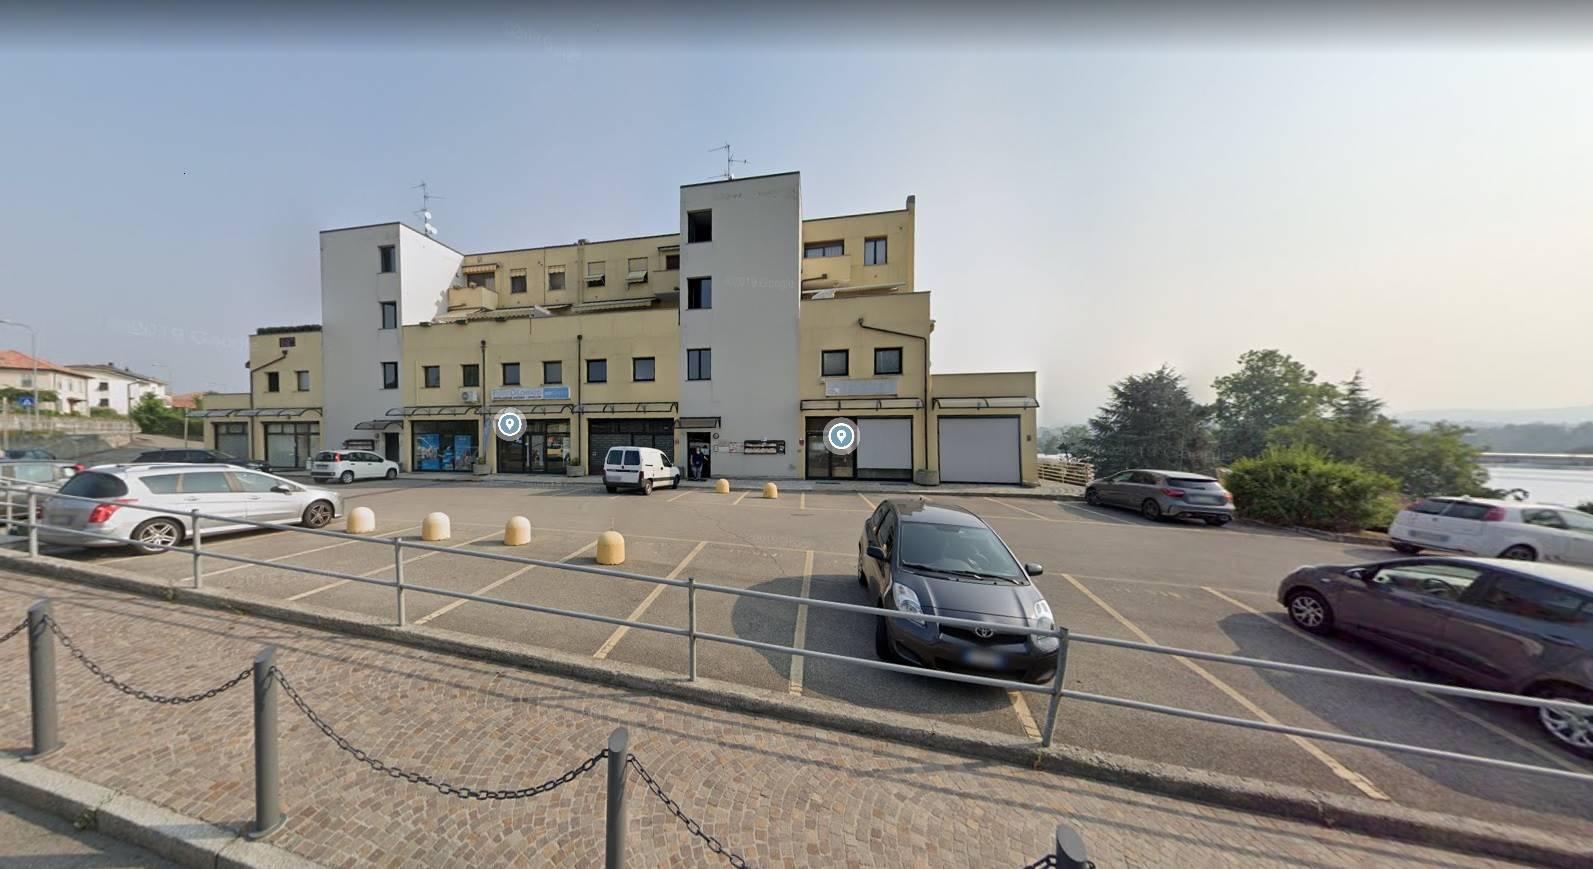 Negozio / Locale in vendita a Luisago, 10 locali, prezzo € 290.000 | PortaleAgenzieImmobiliari.it